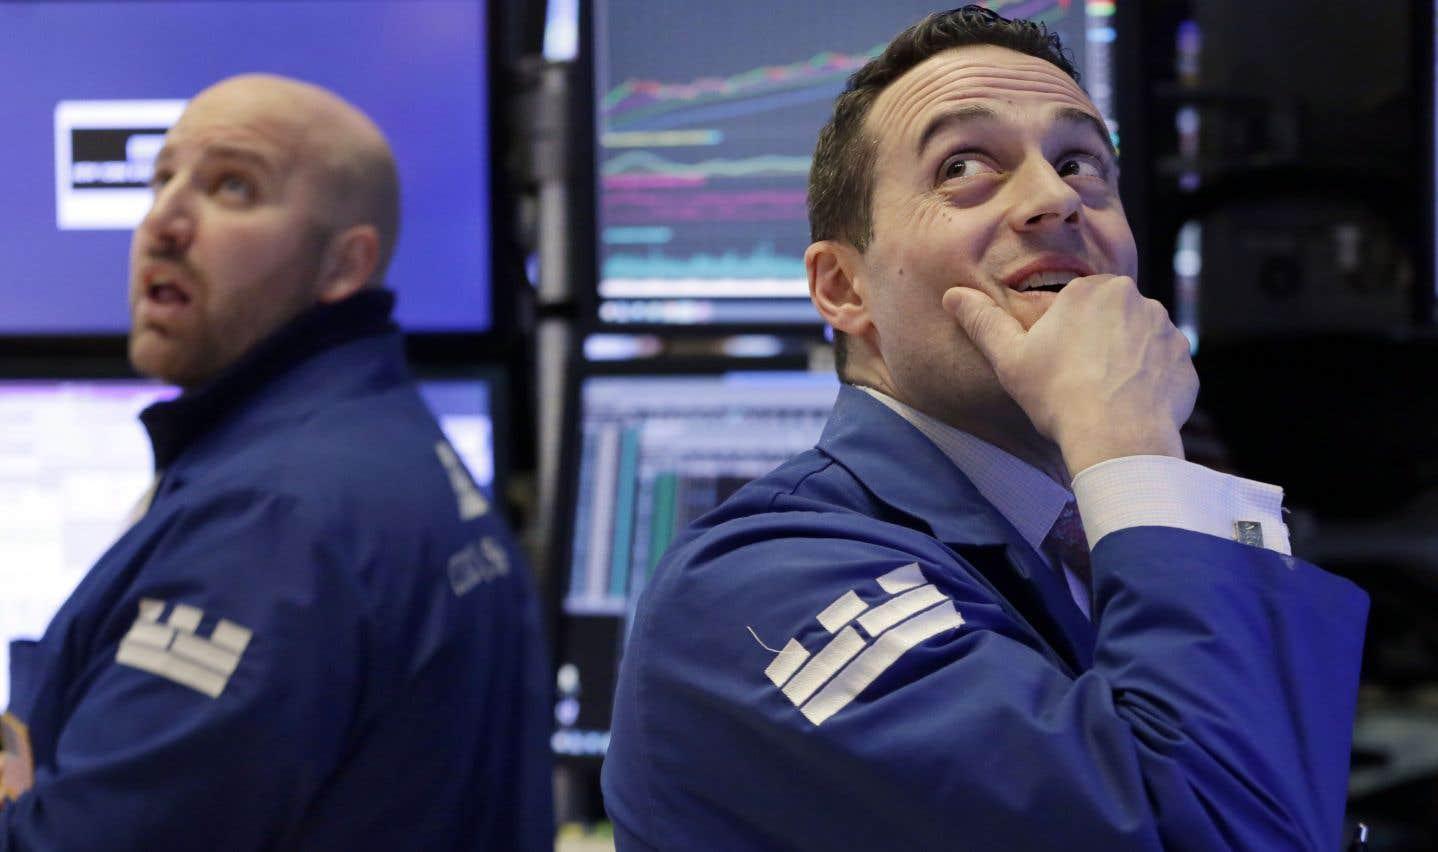 La glissade de Wall Street prend des proportions émotives